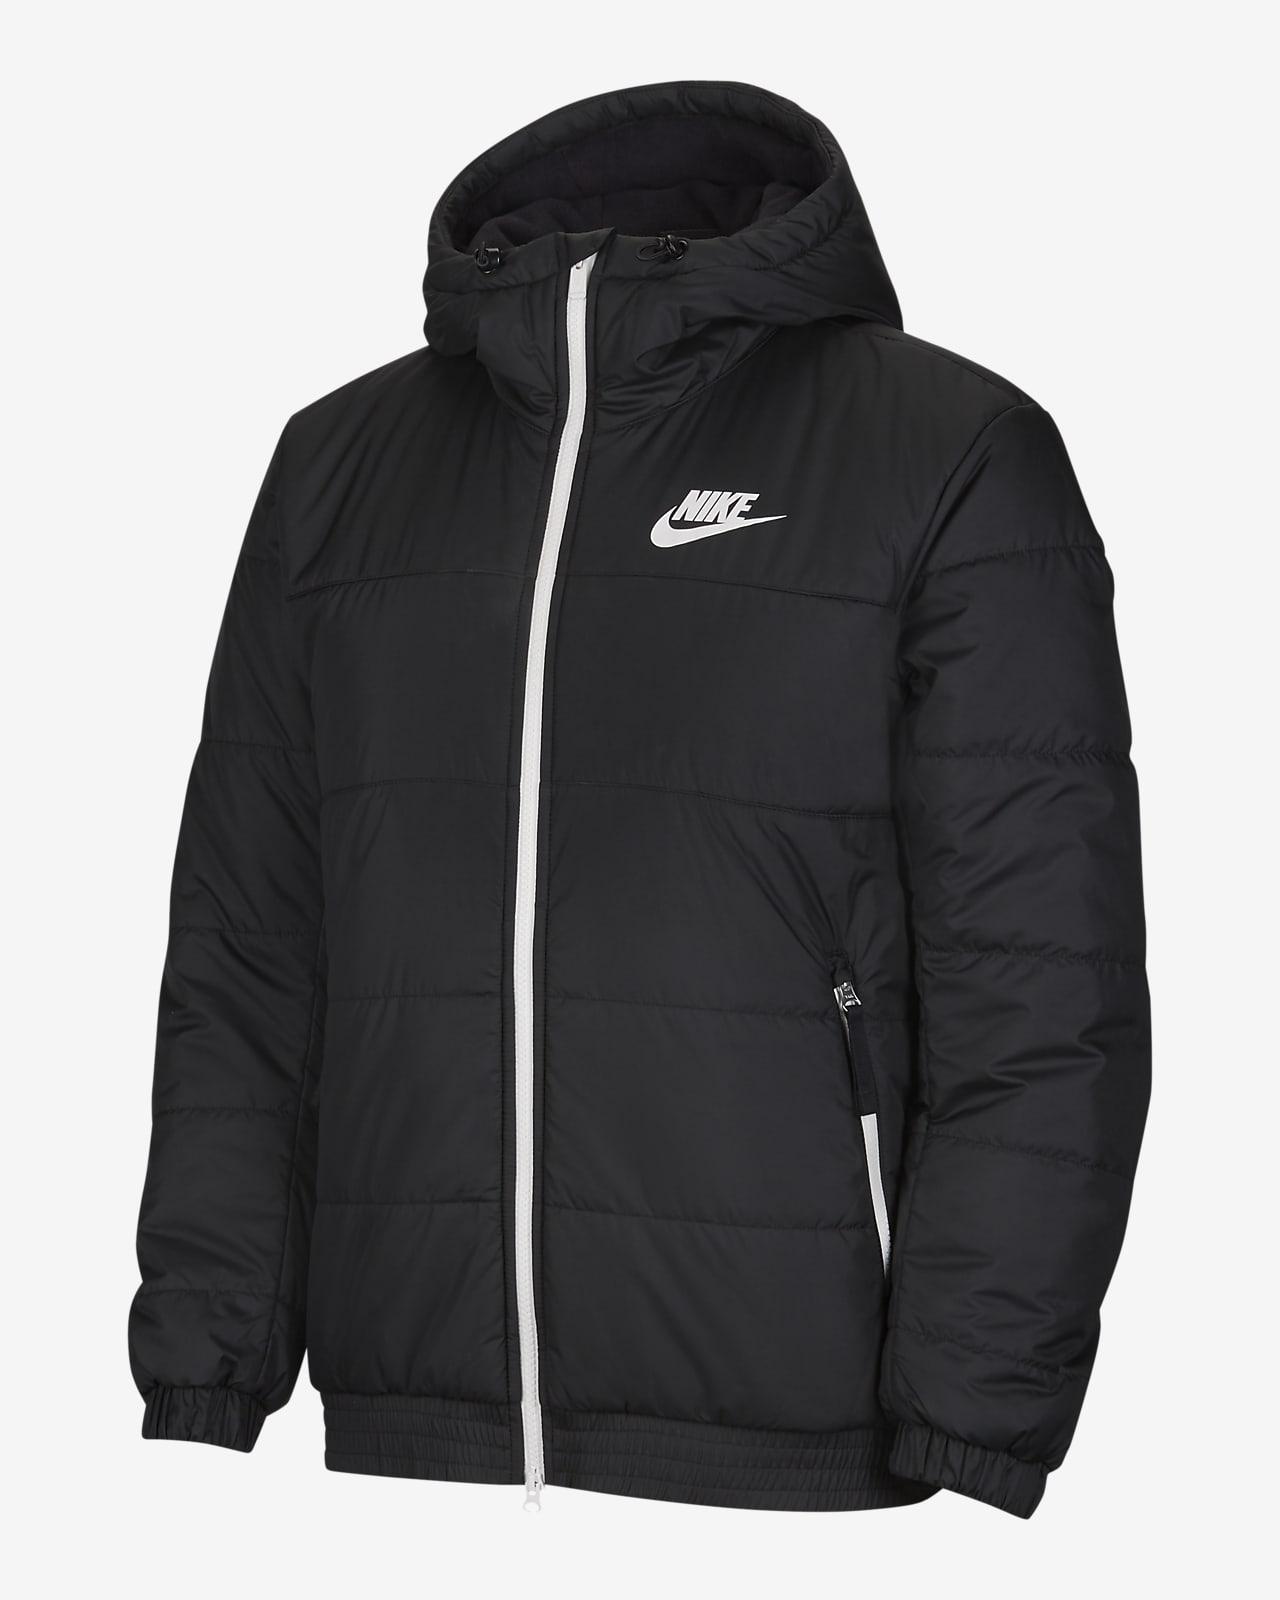 Giacca con cappuccio e zip a tutta lunghezza Nike Sportswear Synthetic-Fill - Uomo